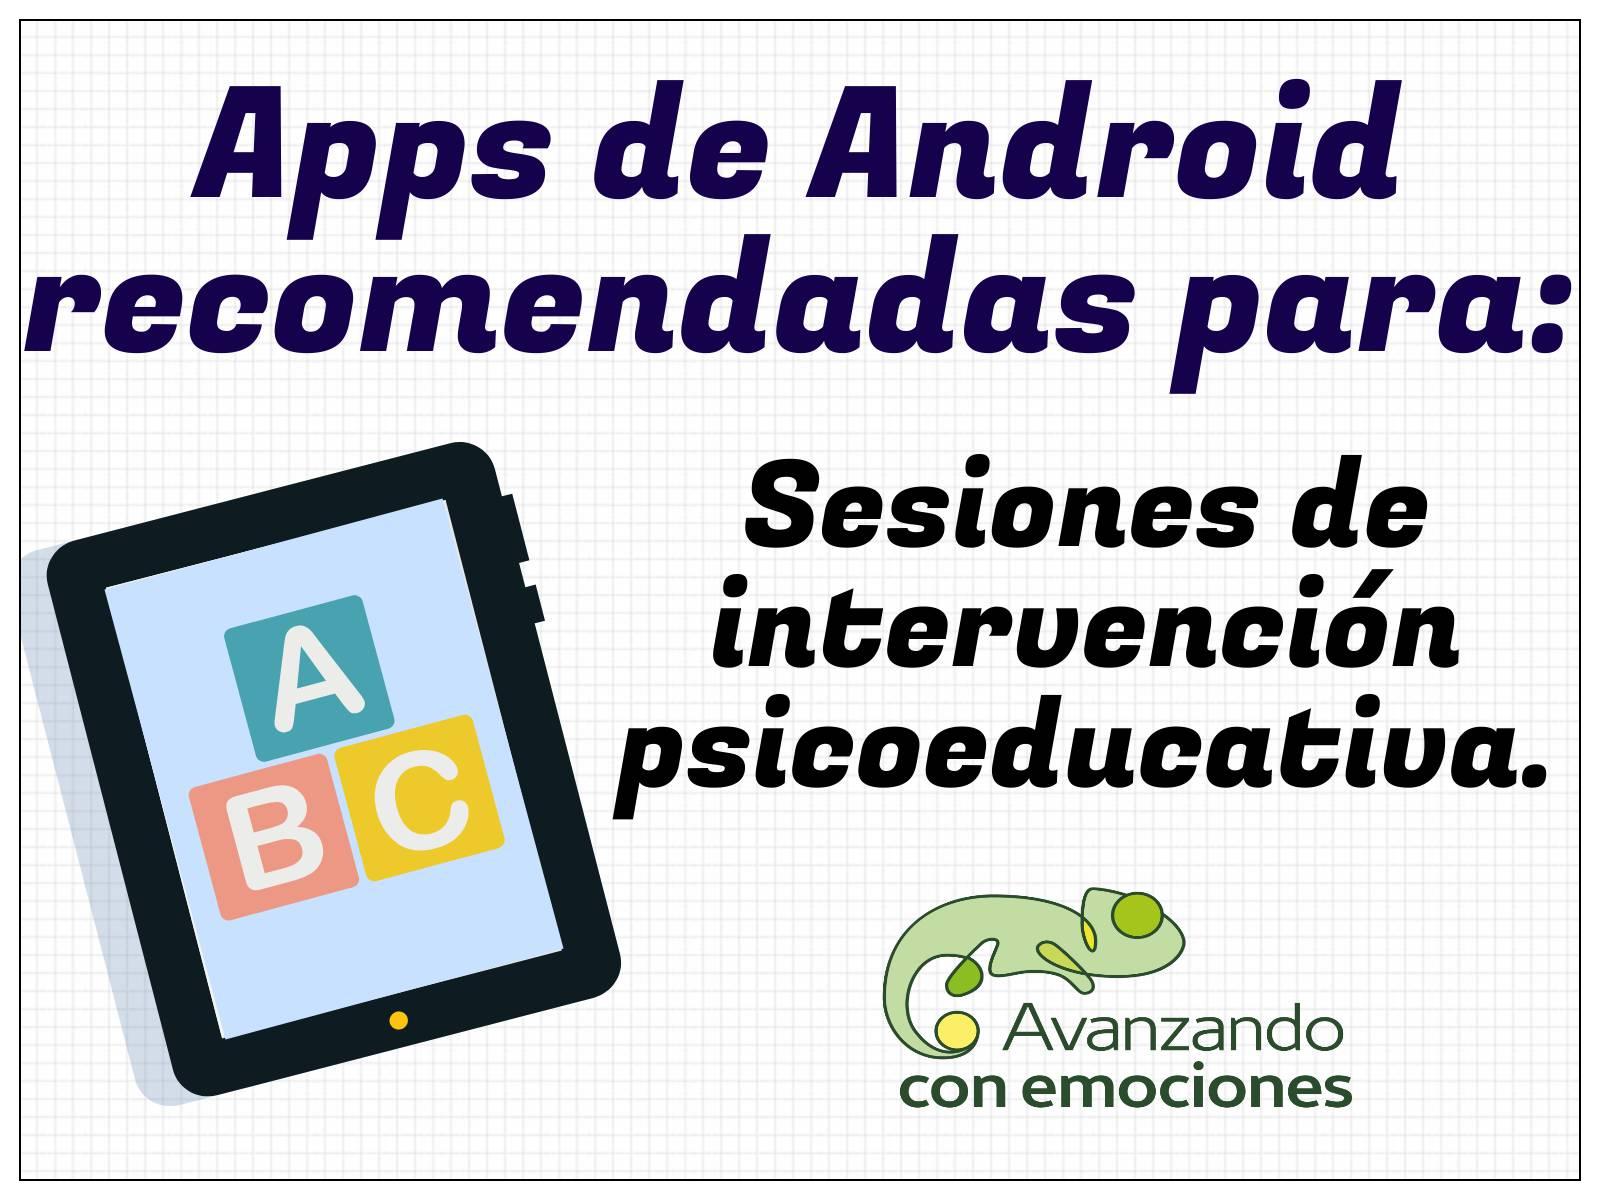 Apps de android recomendadas para sesiones de inte…